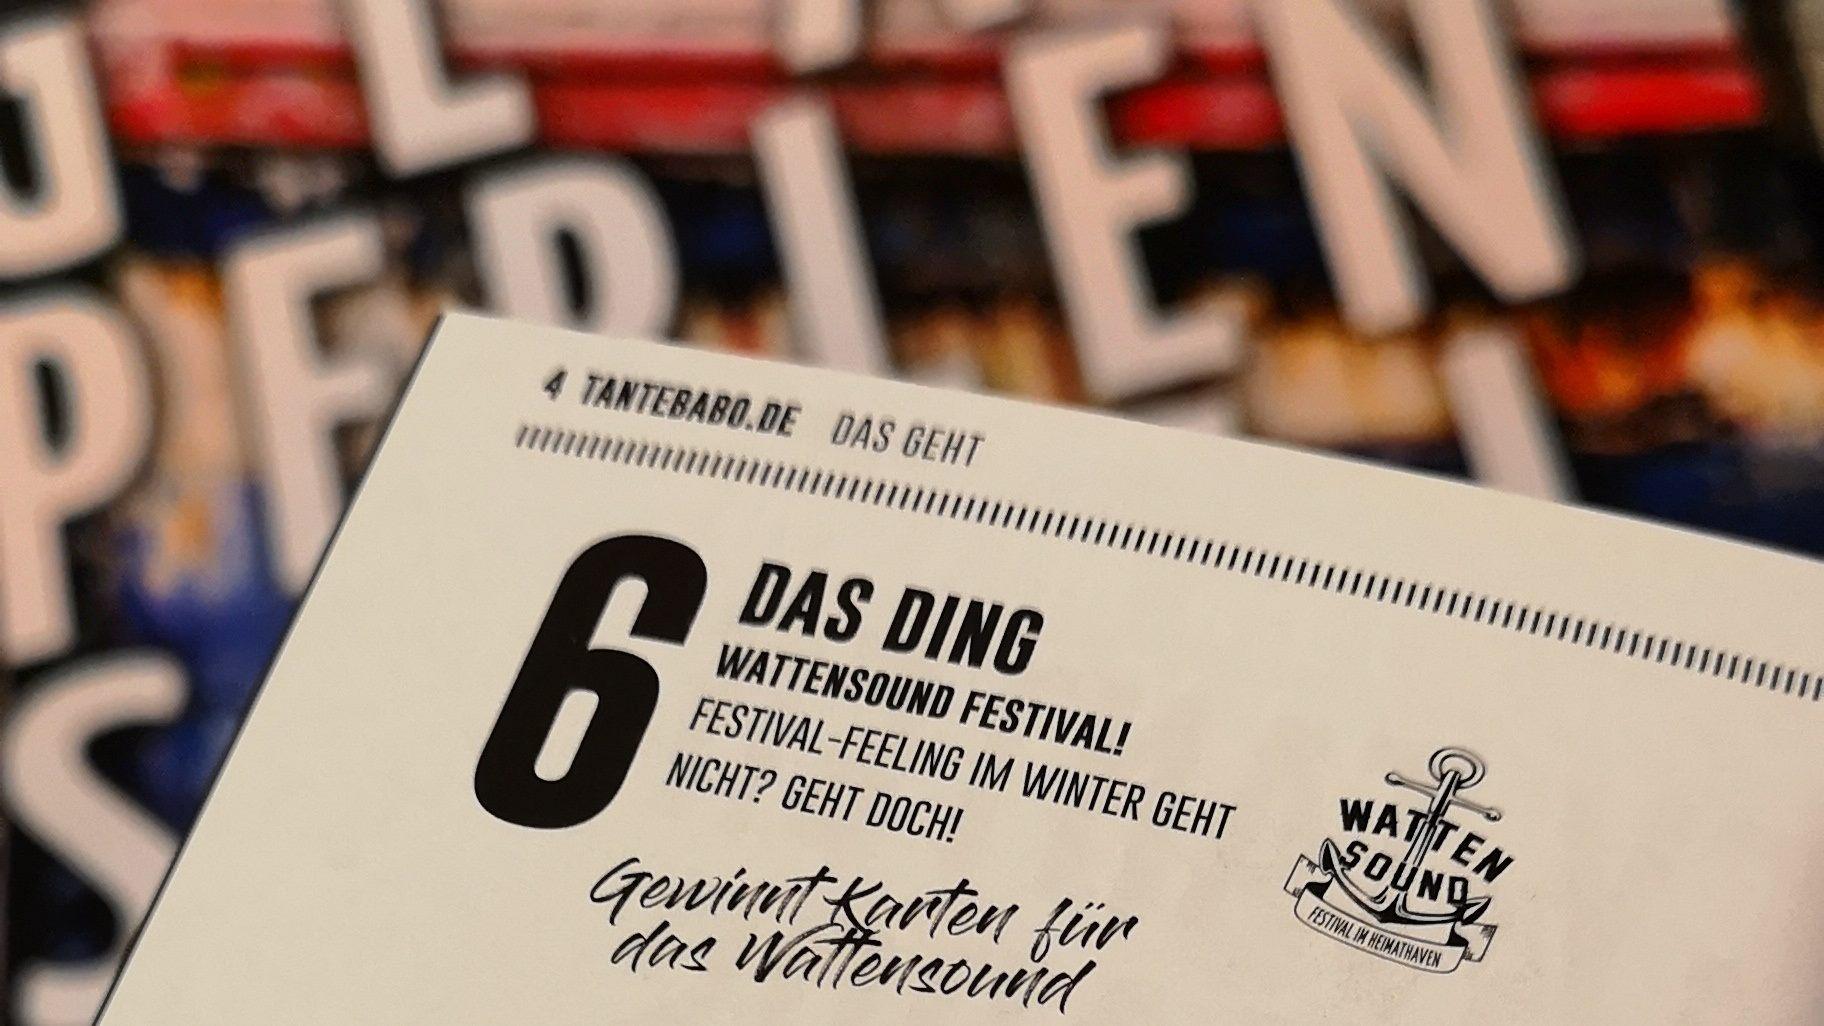 WATTENSOUND – DAS DING!